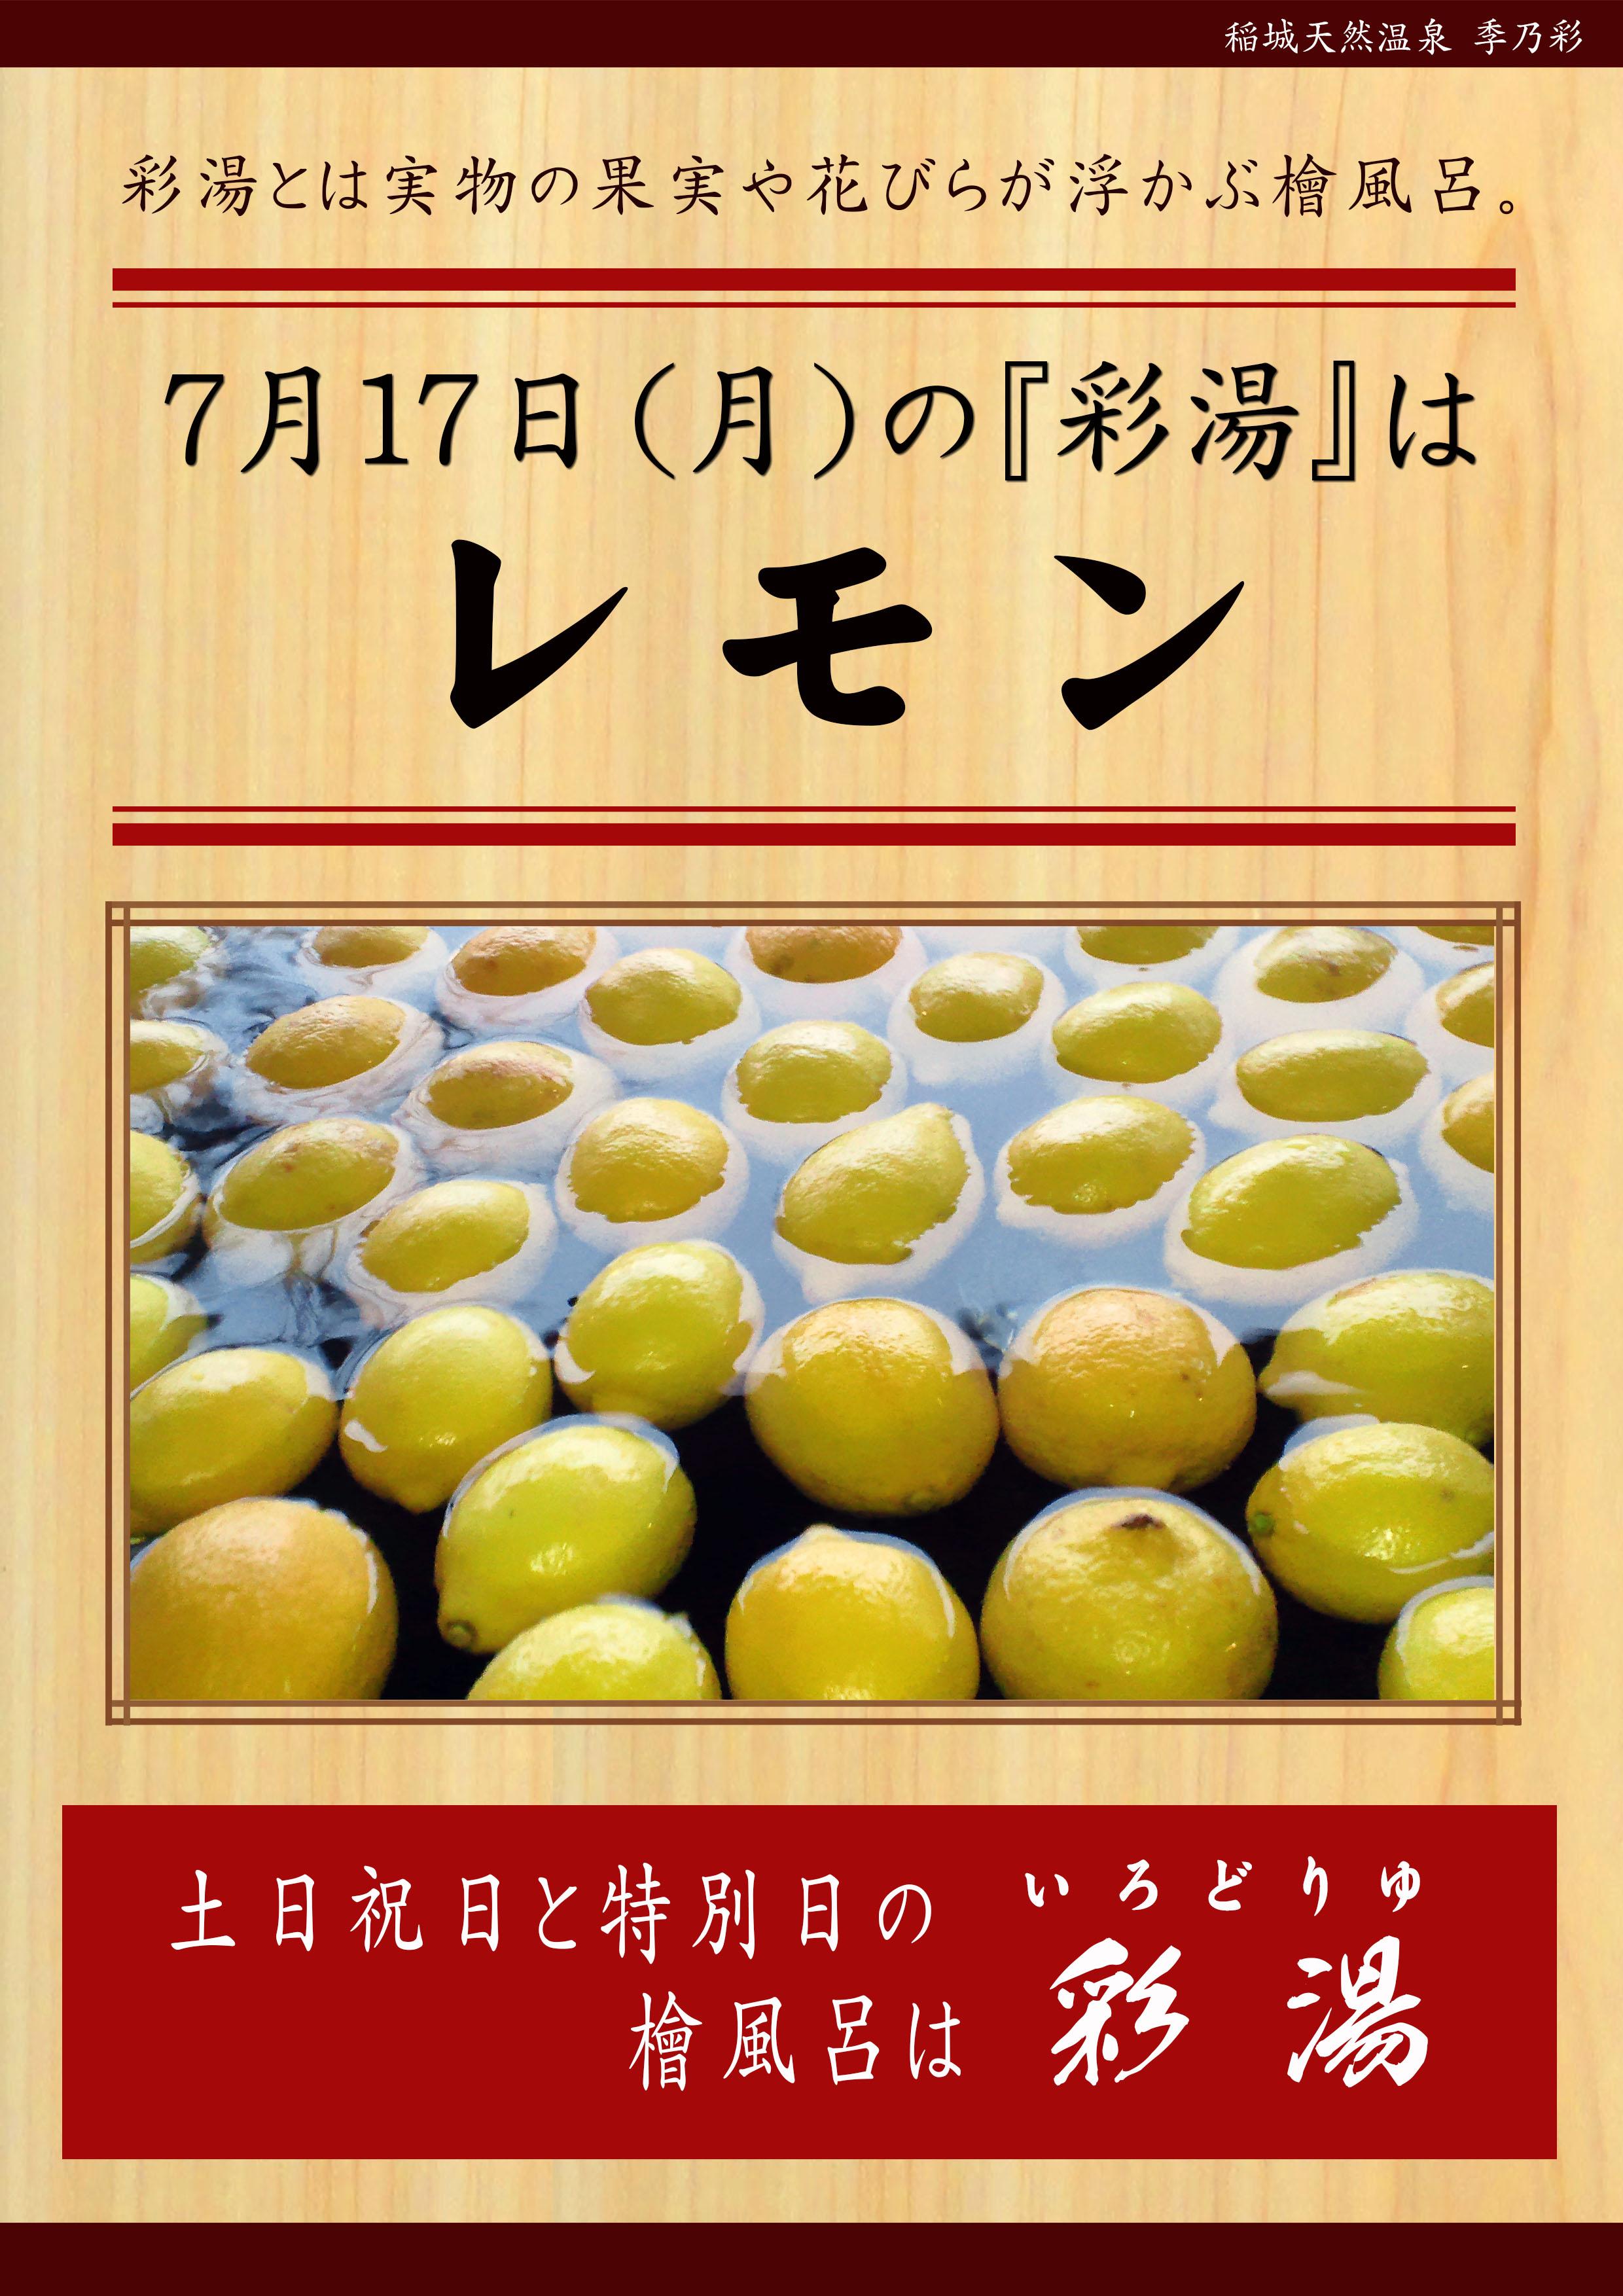 20170717POP イベント 彩湯 レモン